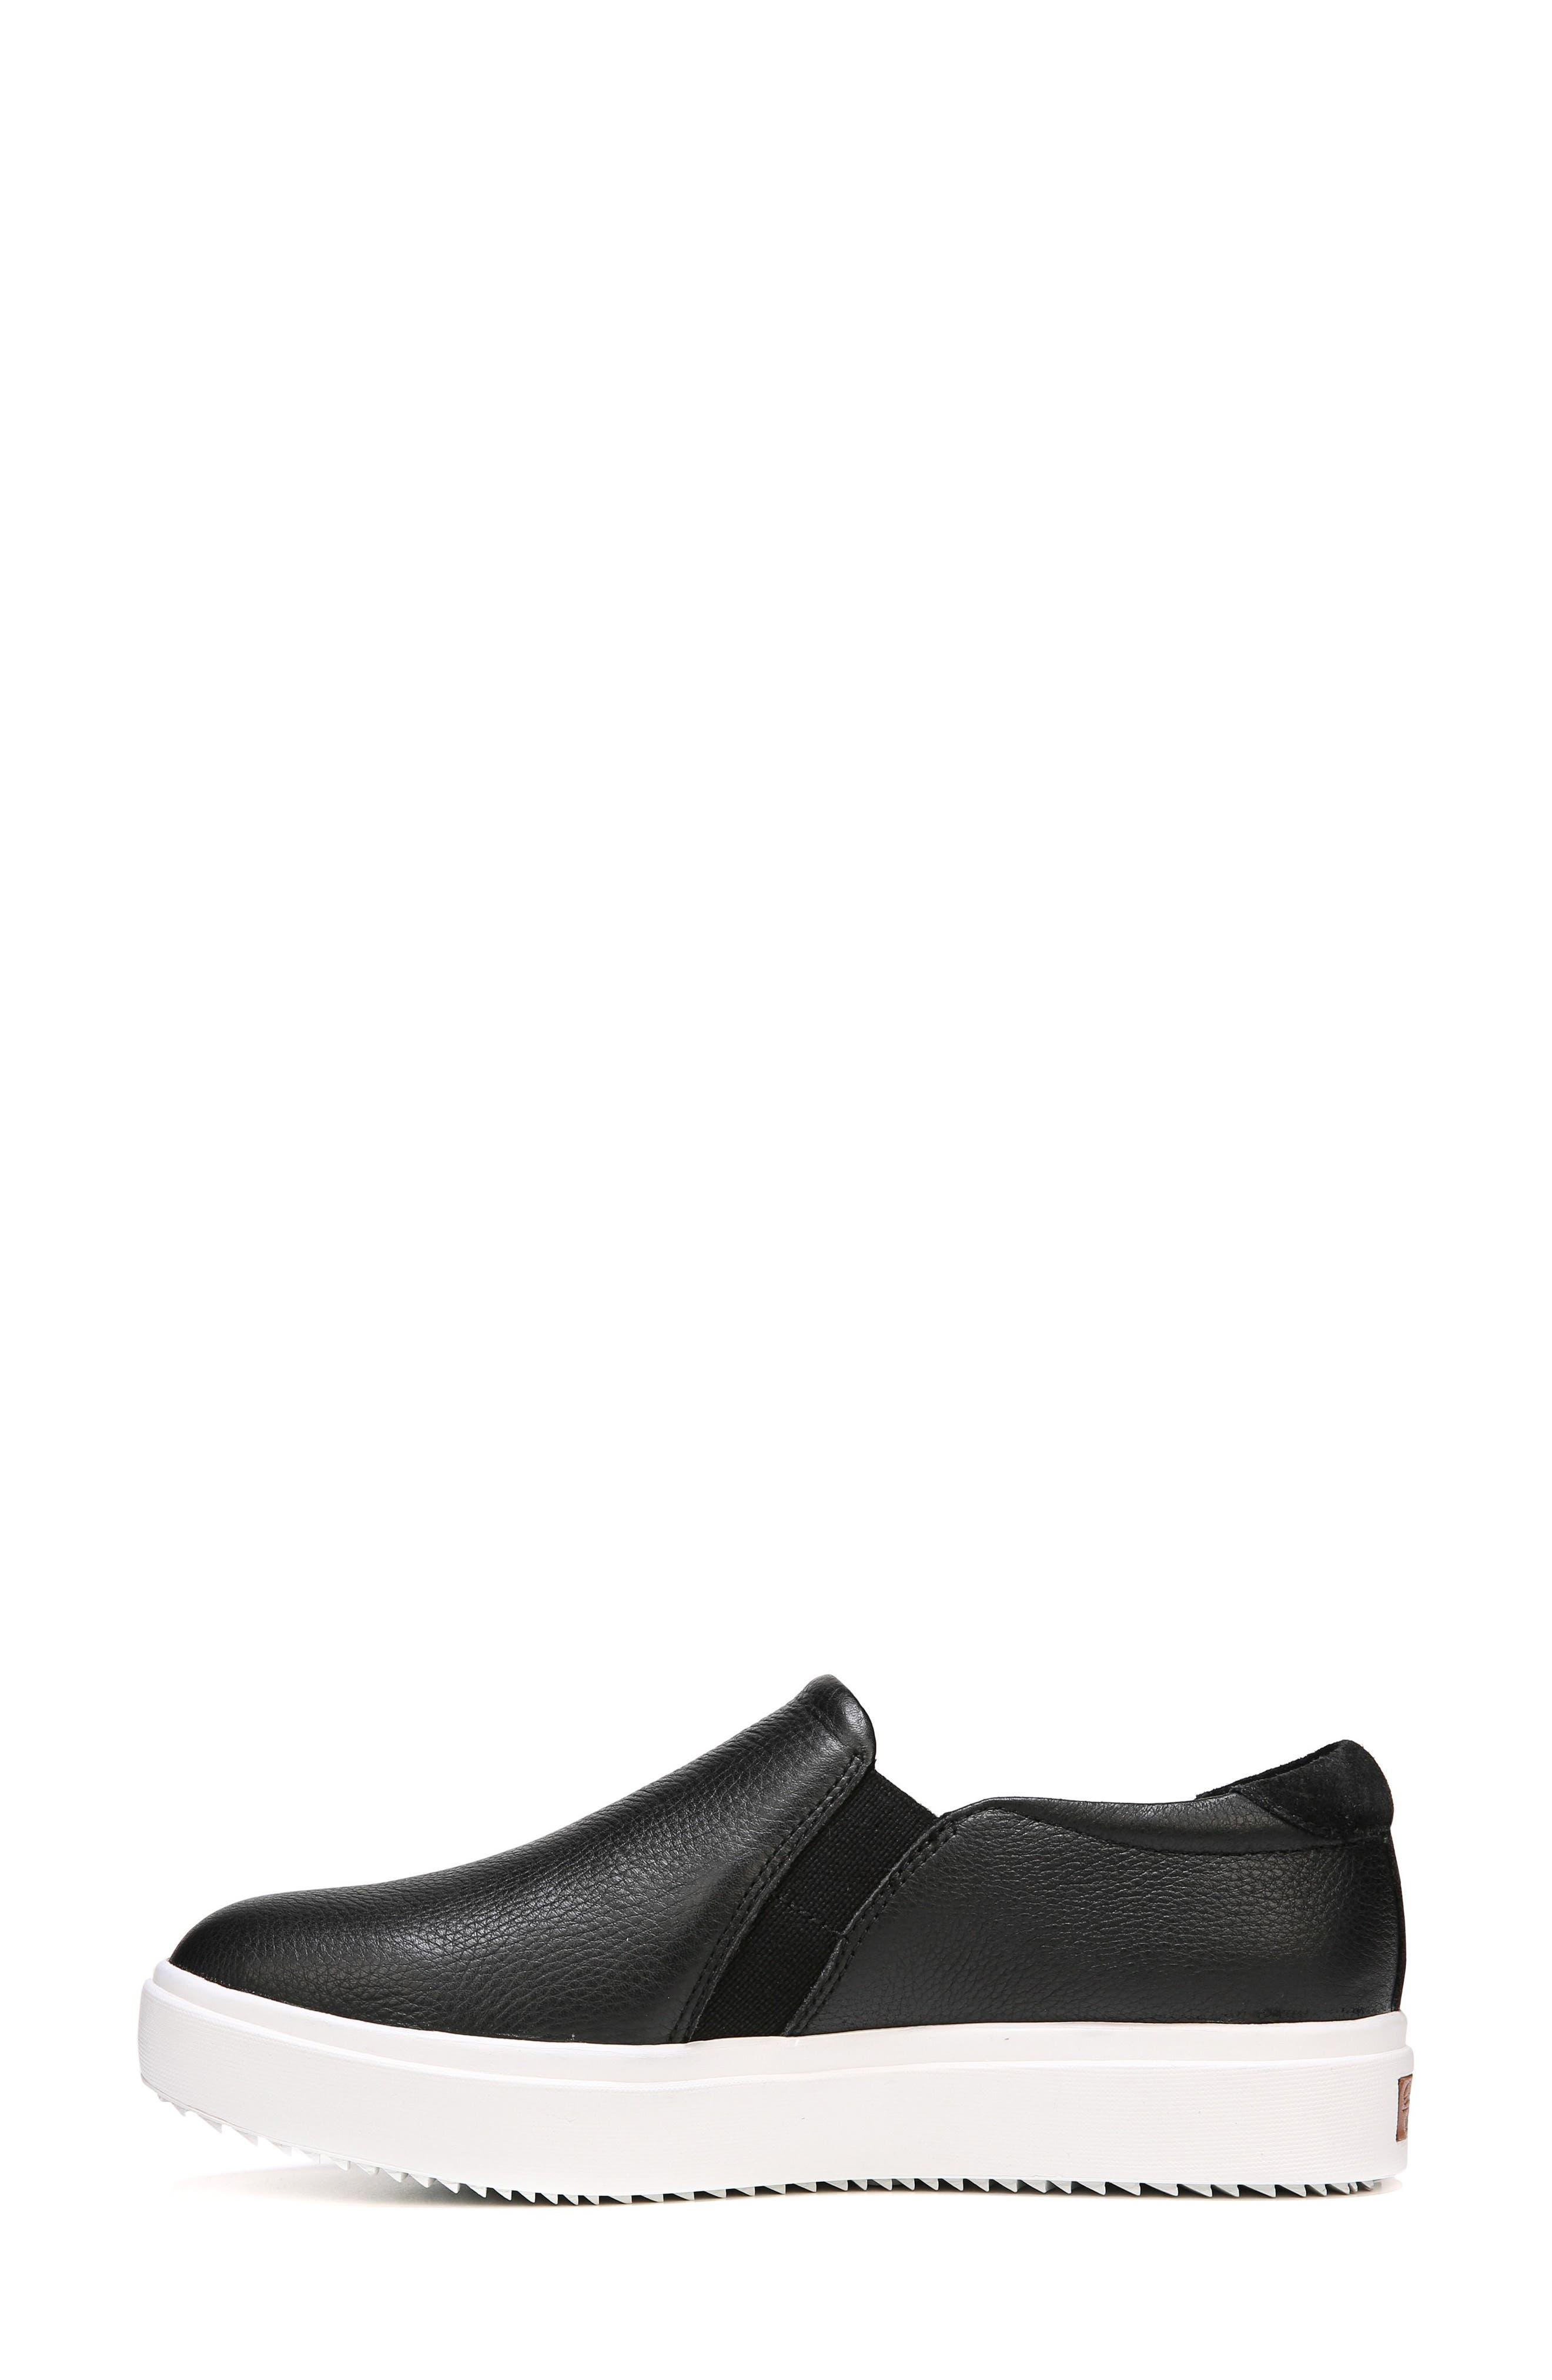 DR. SCHOLL'S, Leta Slip-On Sneaker, Alternate thumbnail 5, color, BLACK LEATHER